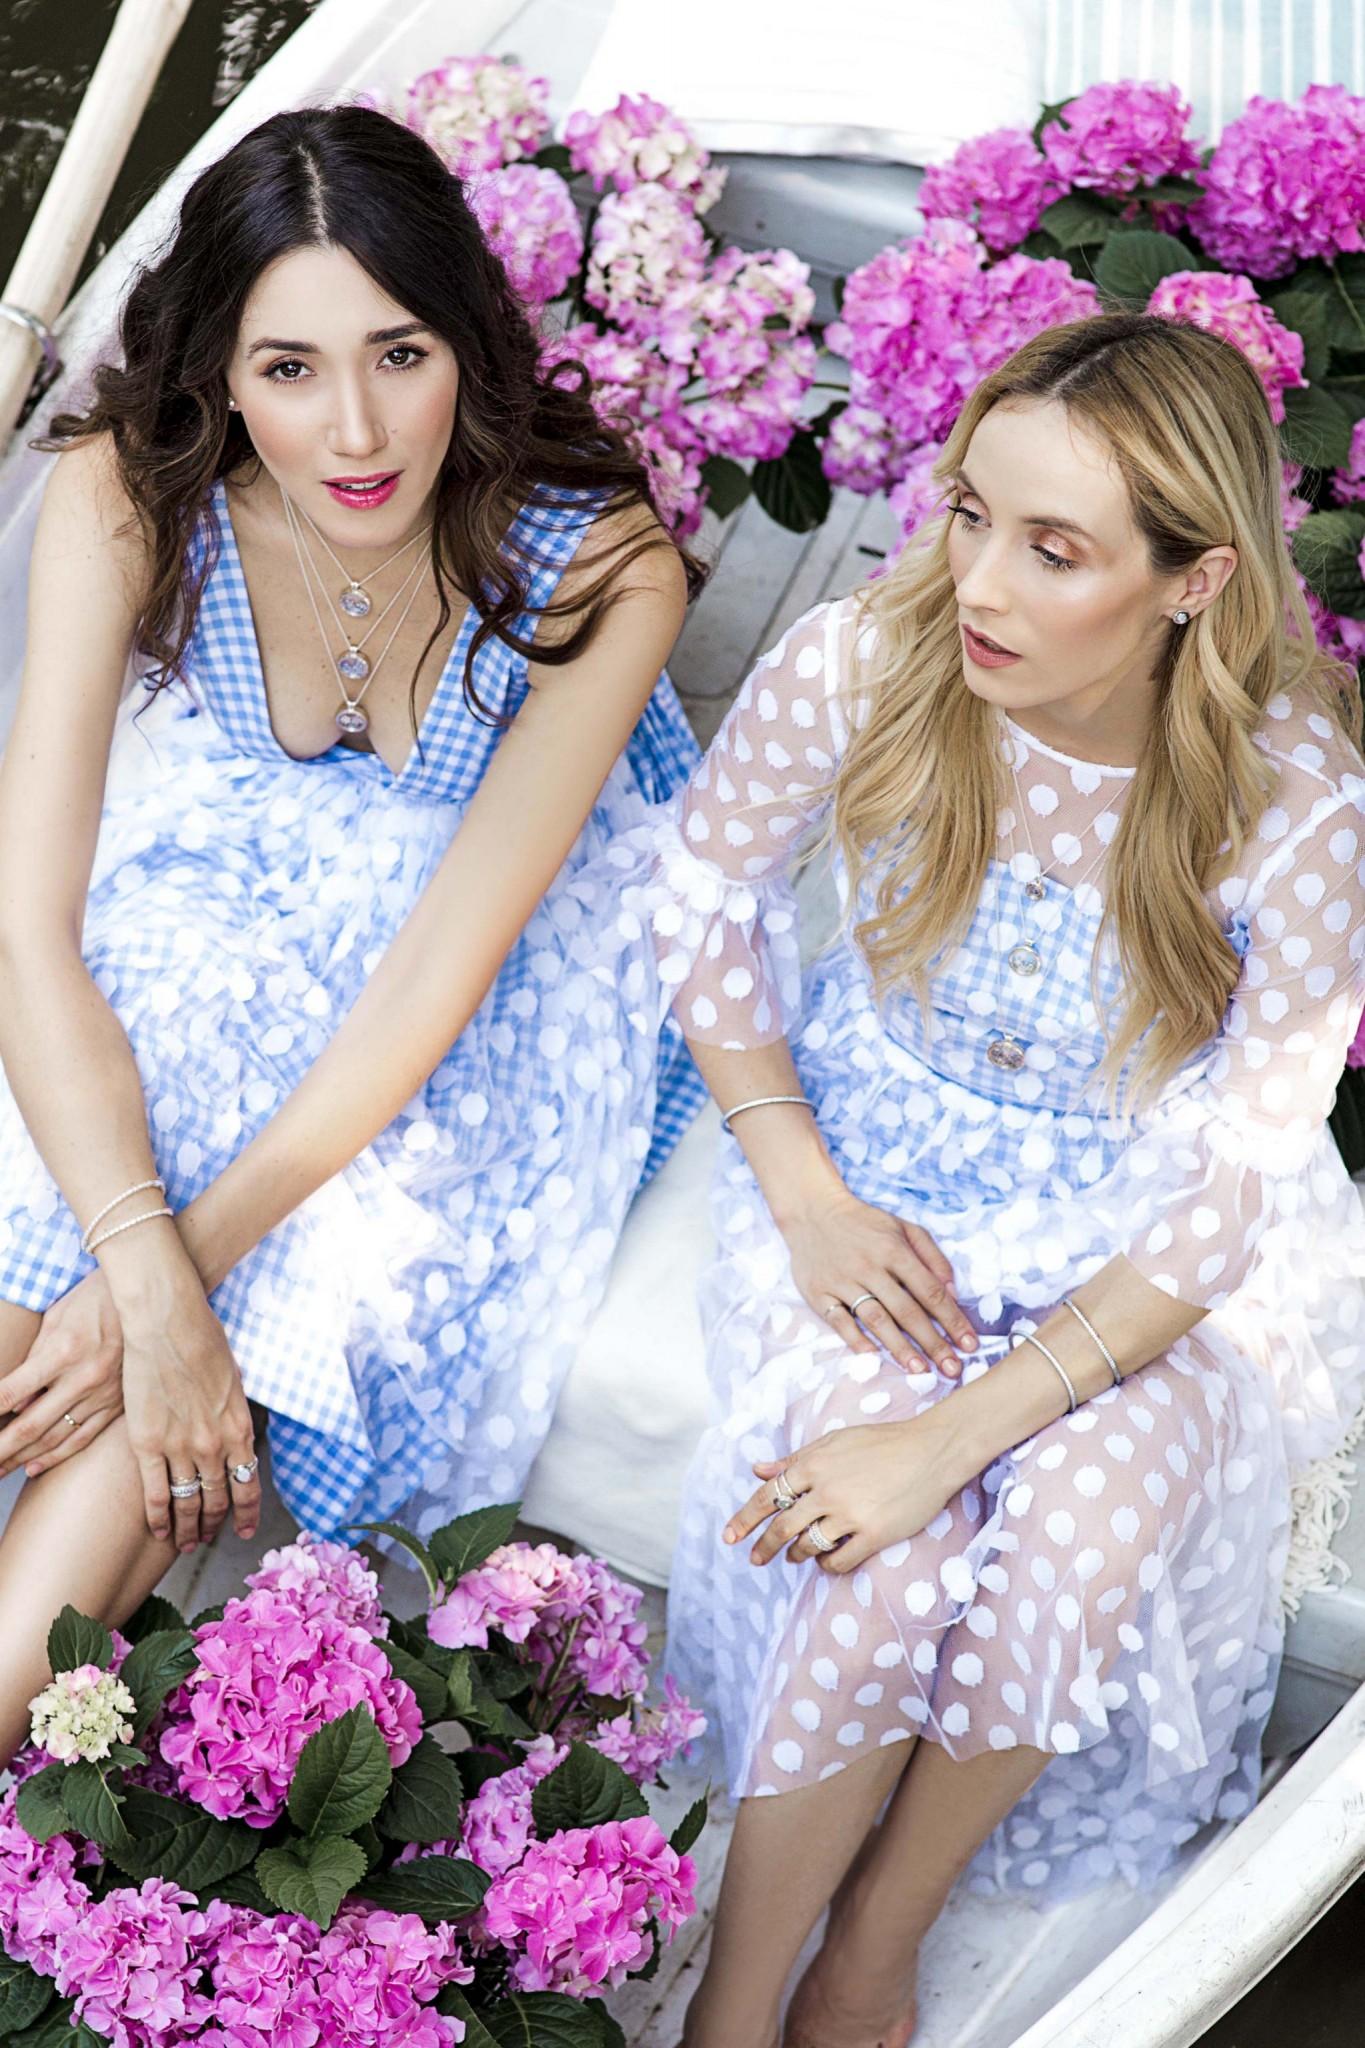 1pandora-the-look-of-you-diana-enciu-alina-tanasa-fabulous-muses-lace-trend